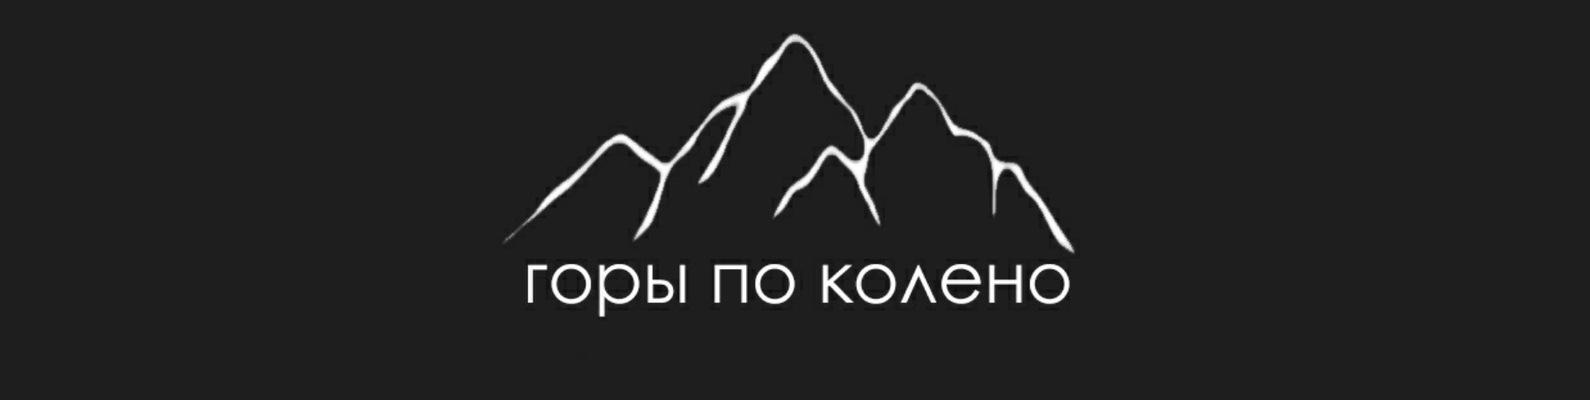 картинка горы по колено на белом фоне